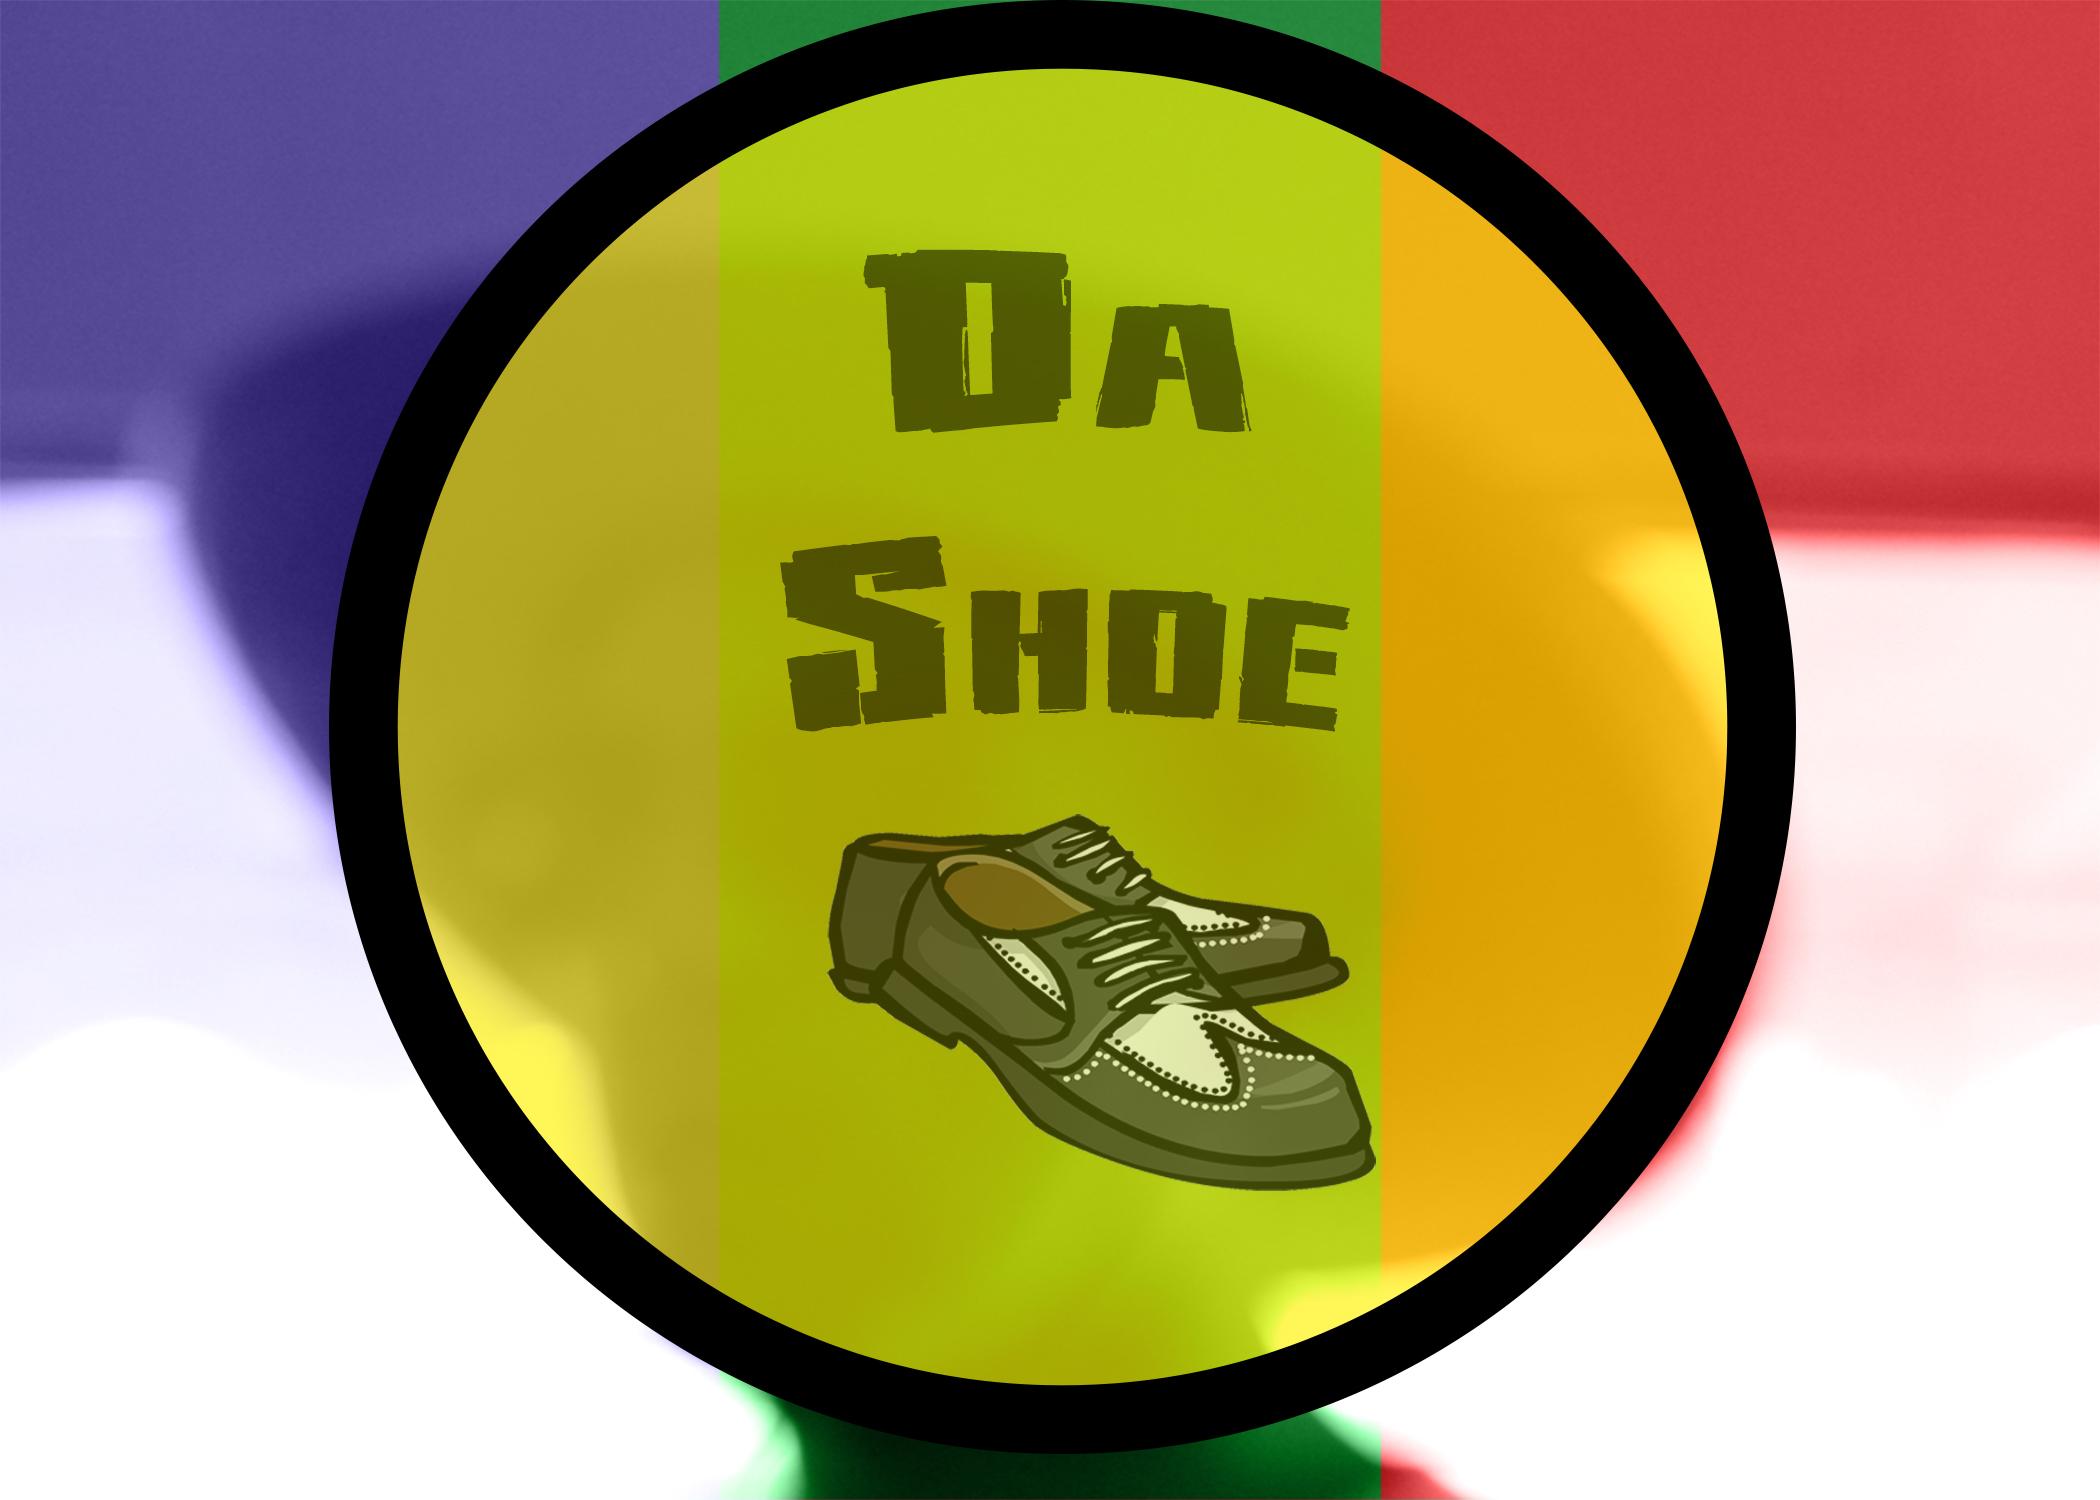 Da Shoe